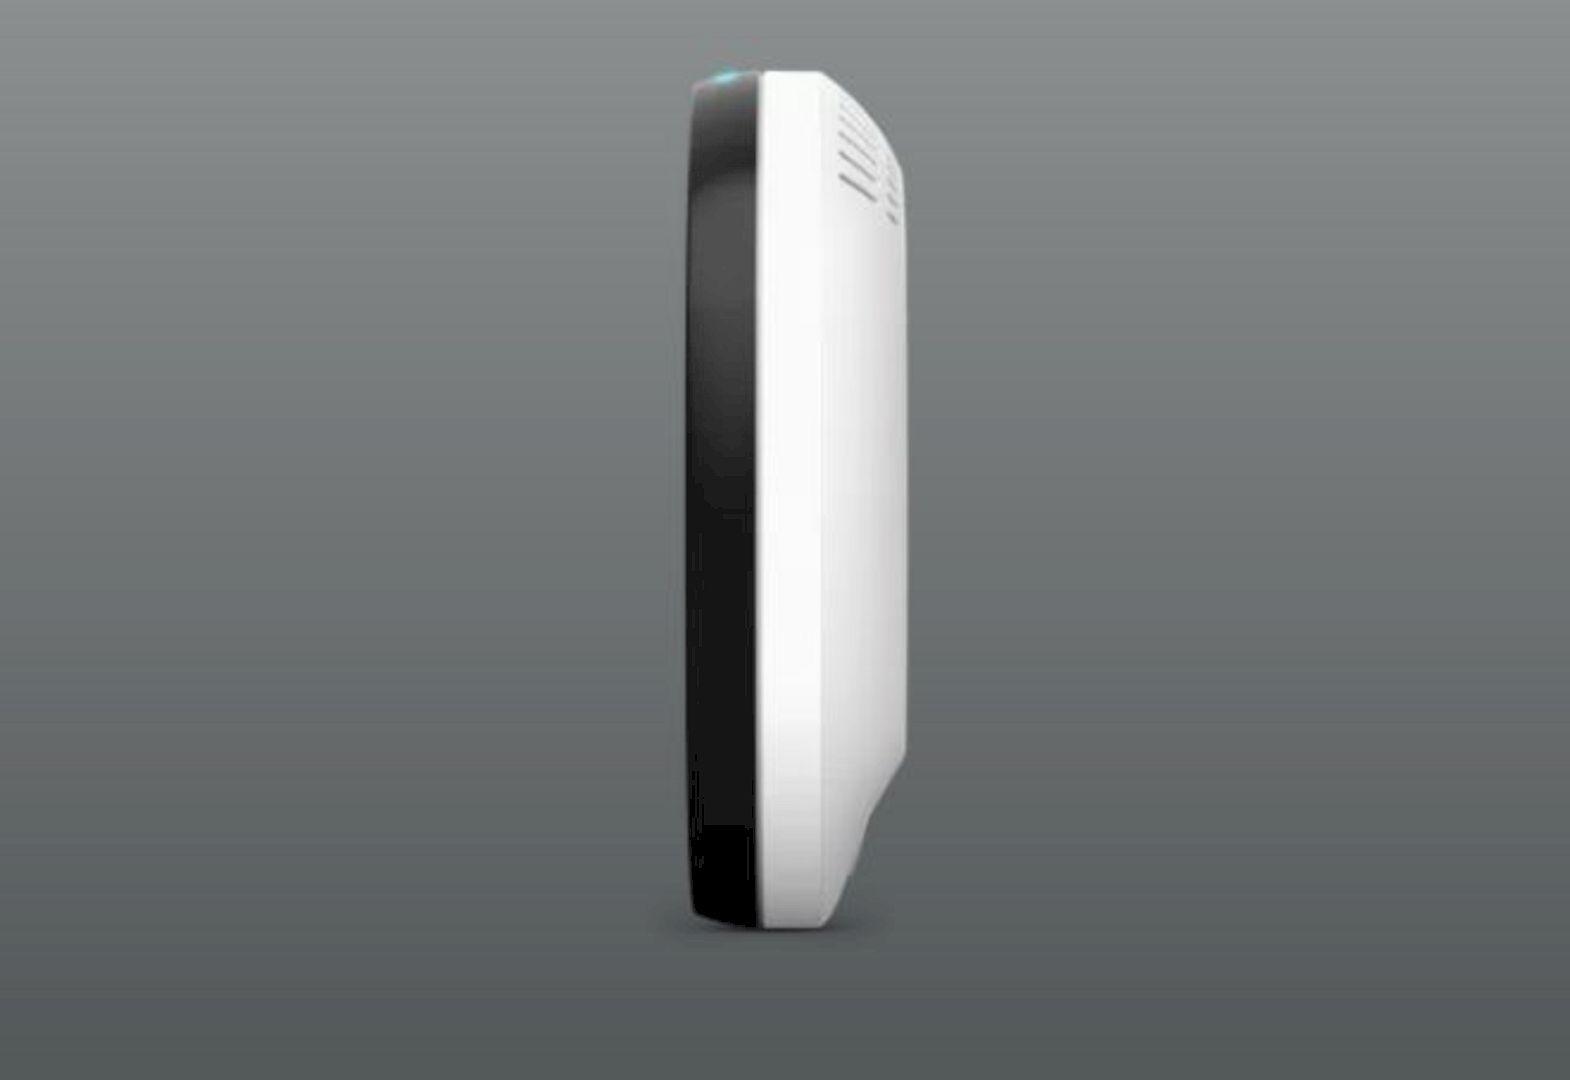 SmartThermostat 1